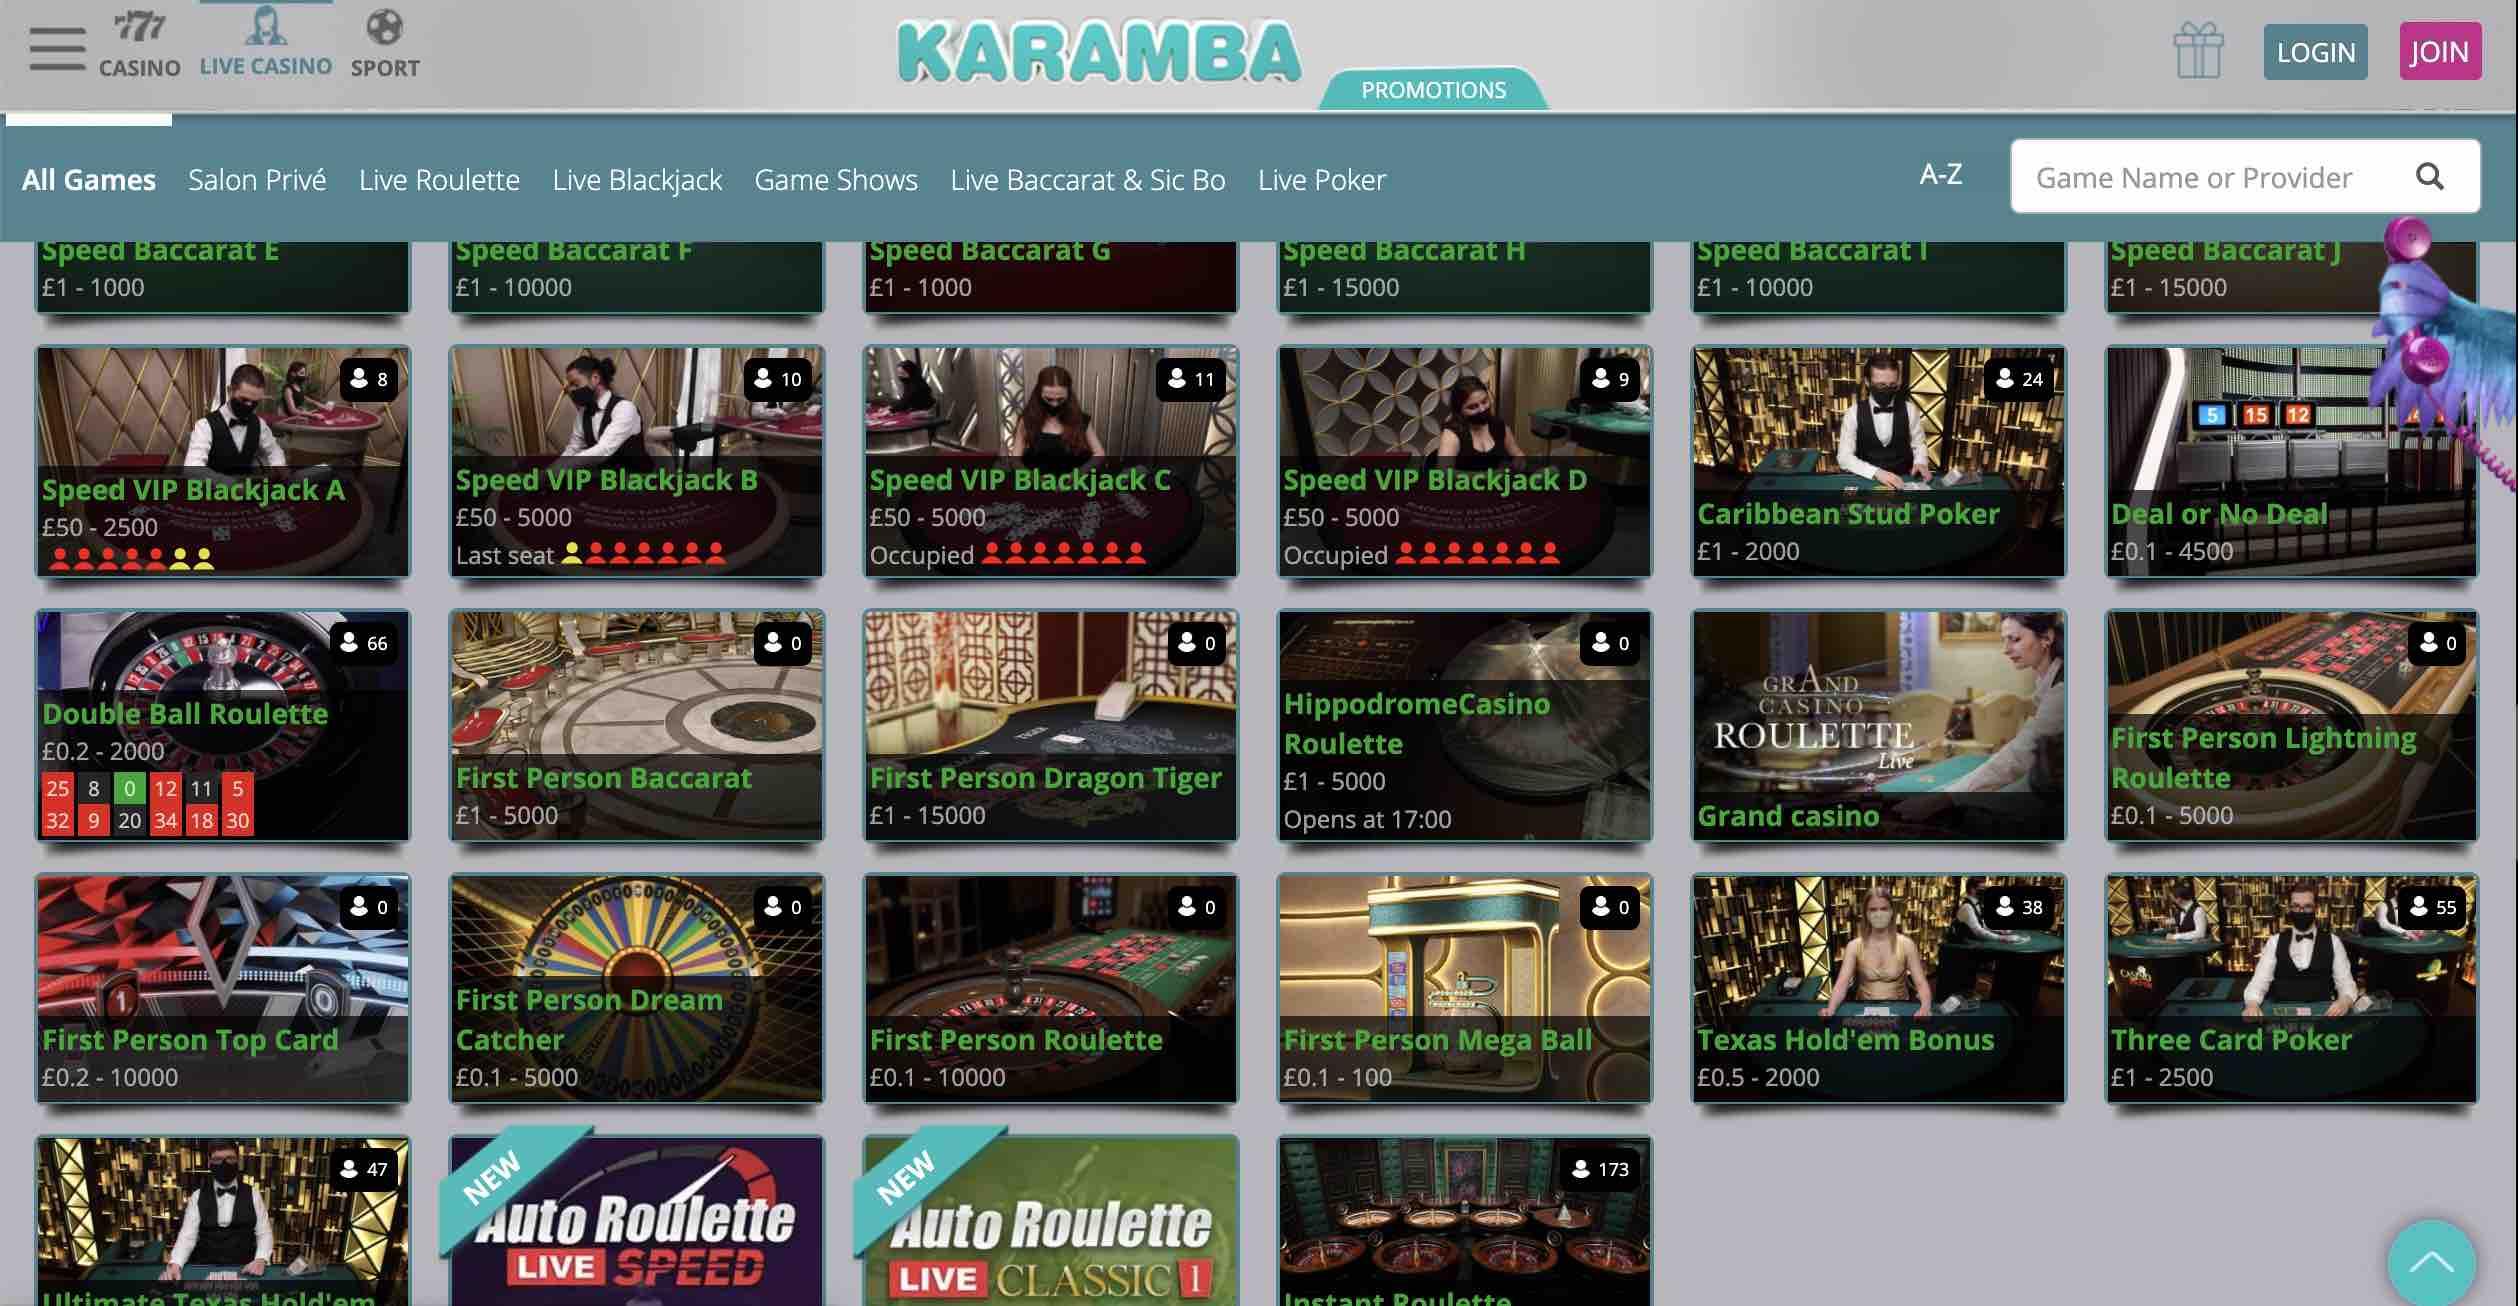 The Best Karamba Casino Slots